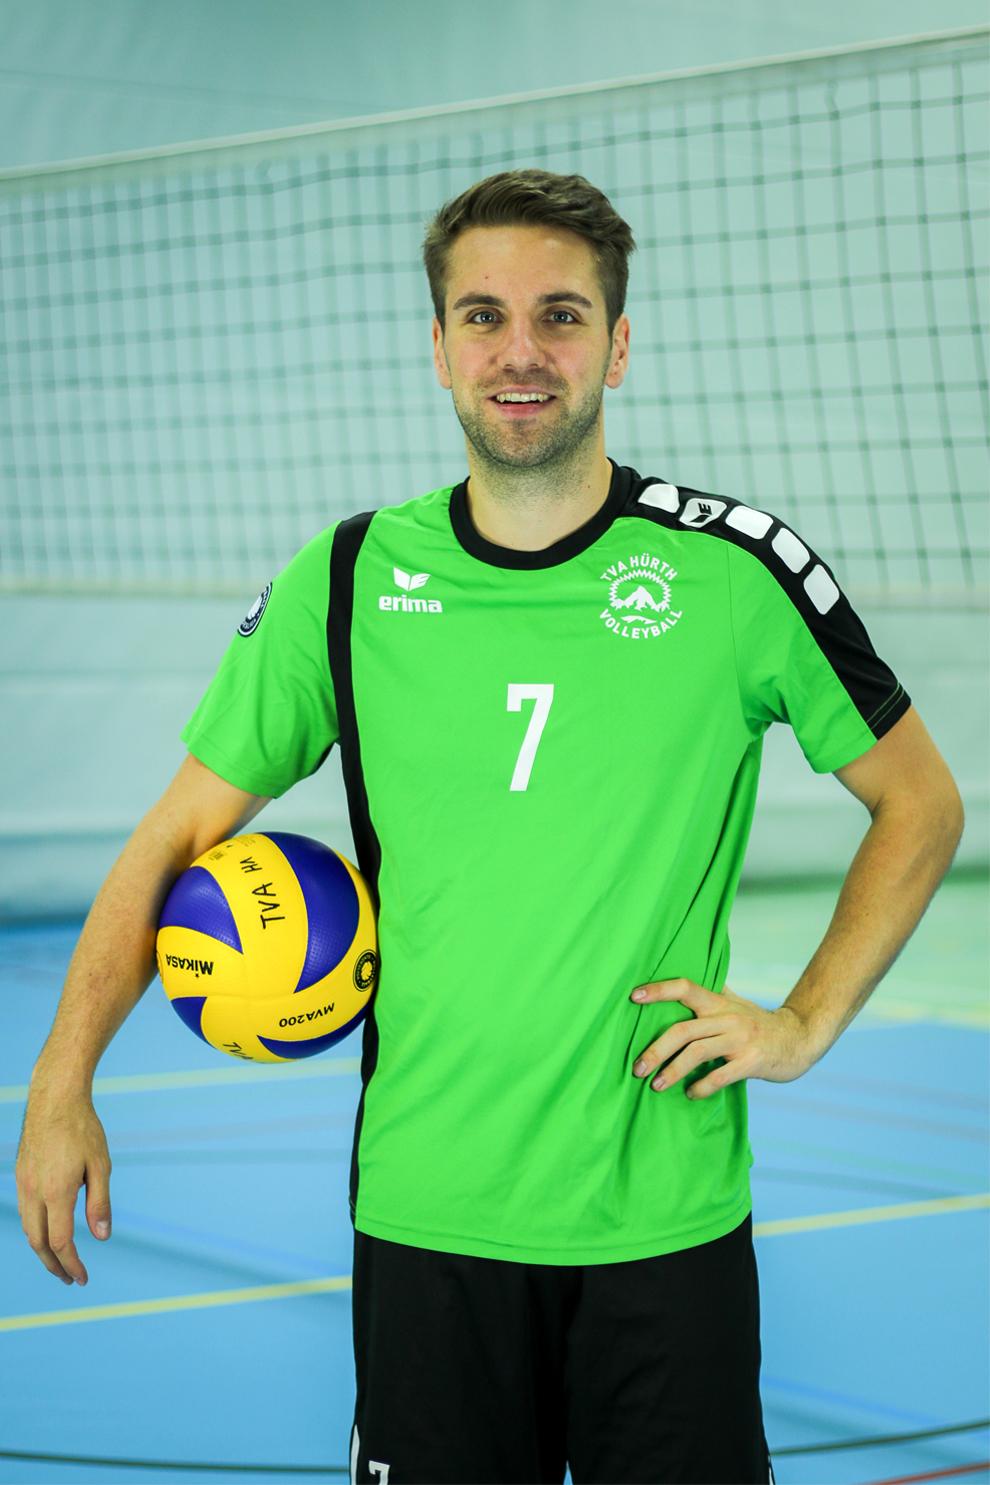 Mats Gerhard